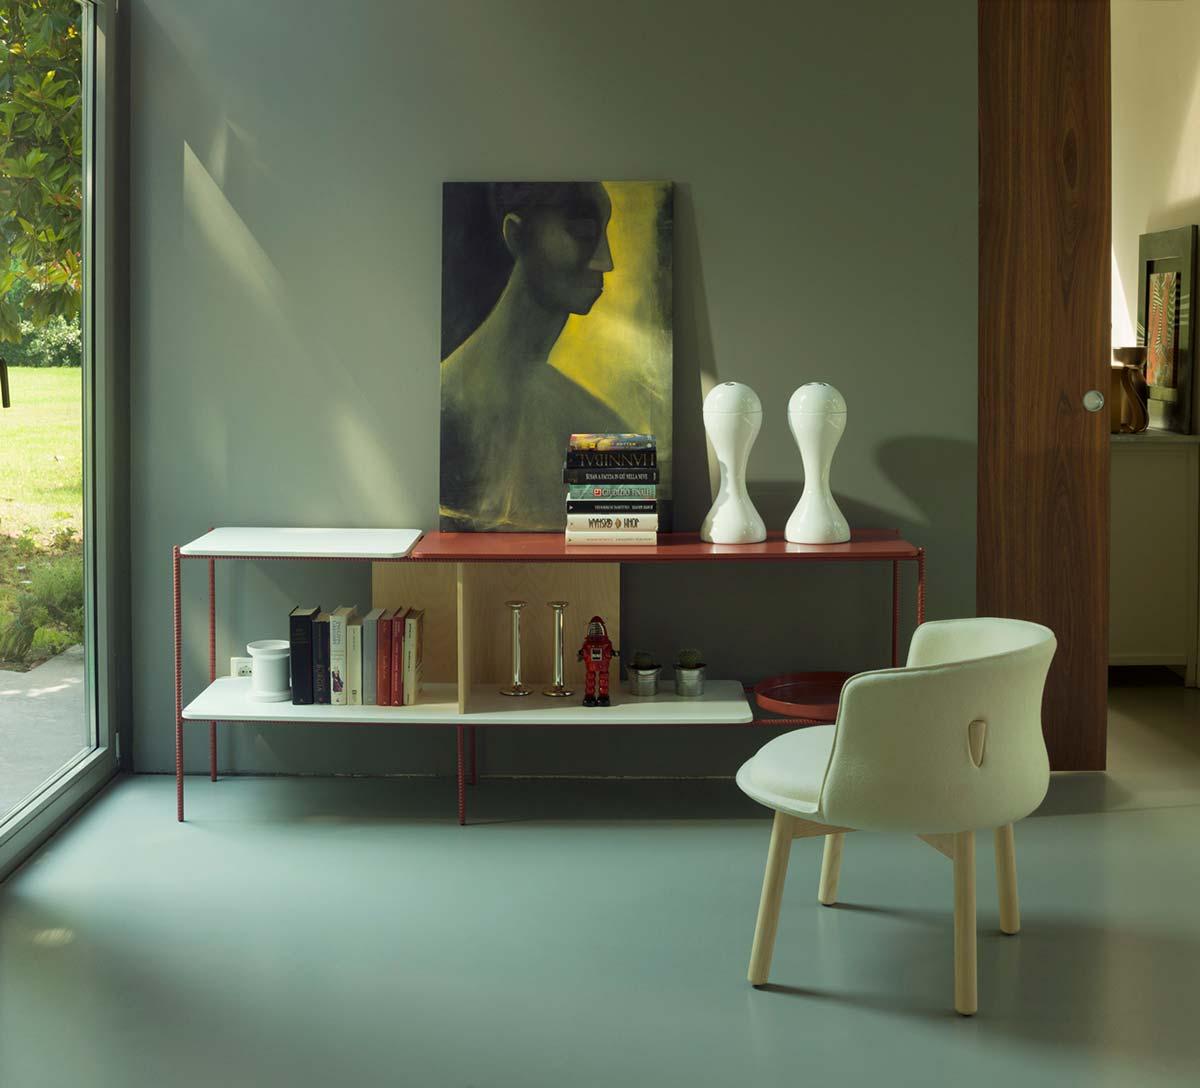 Cappellini咖啡厅椅子Peg Chair  设计师洽谈椅北欧餐厅实木椅